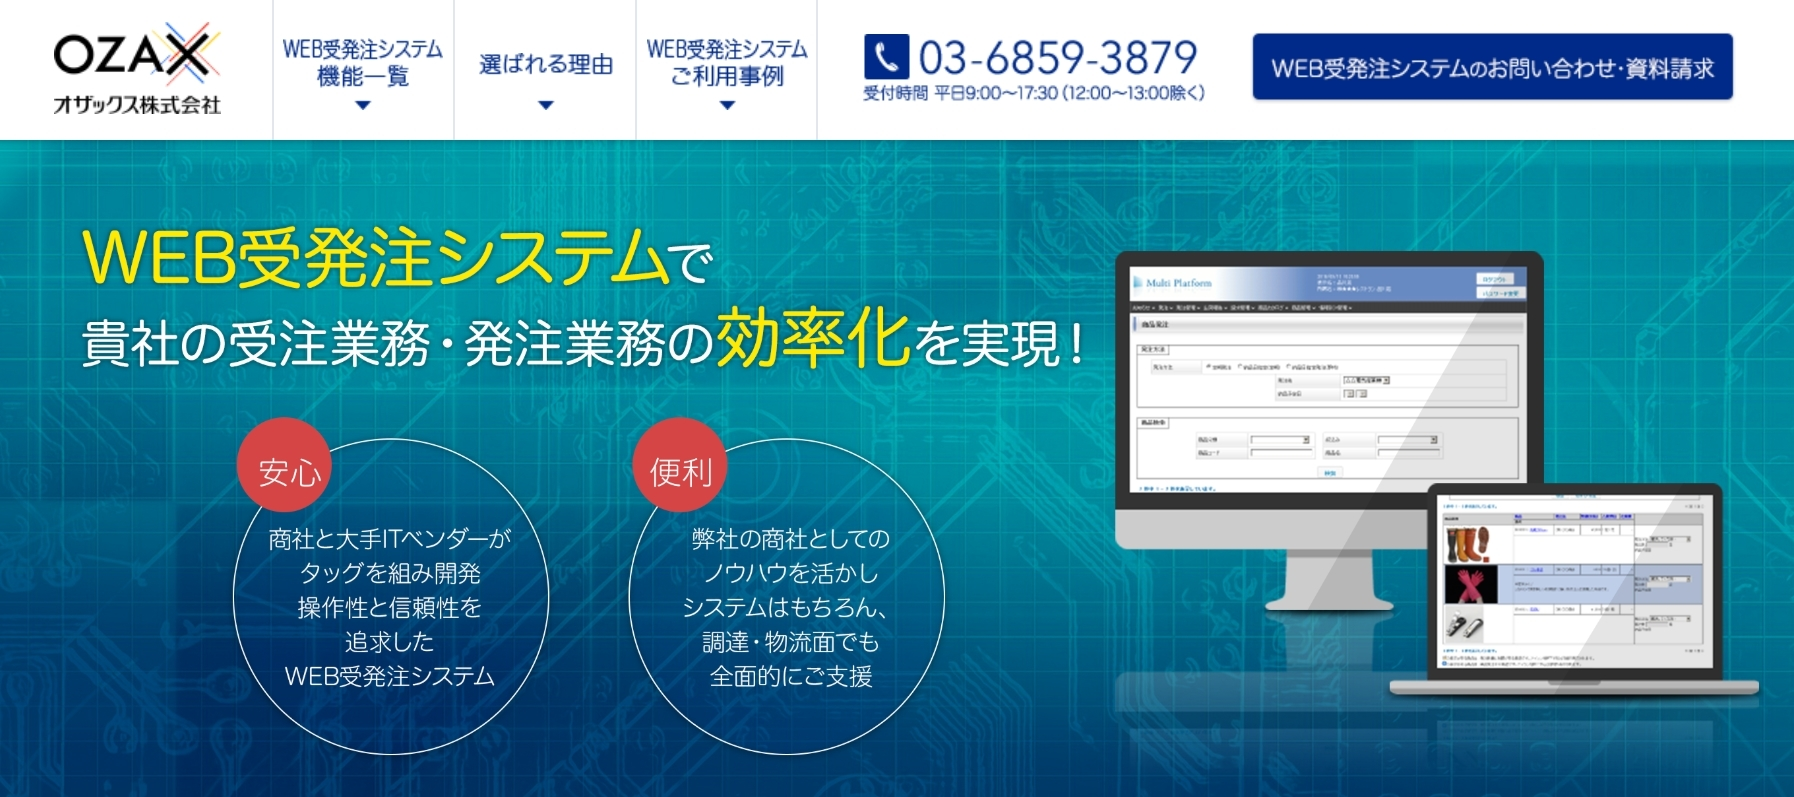 WEB受発注システム